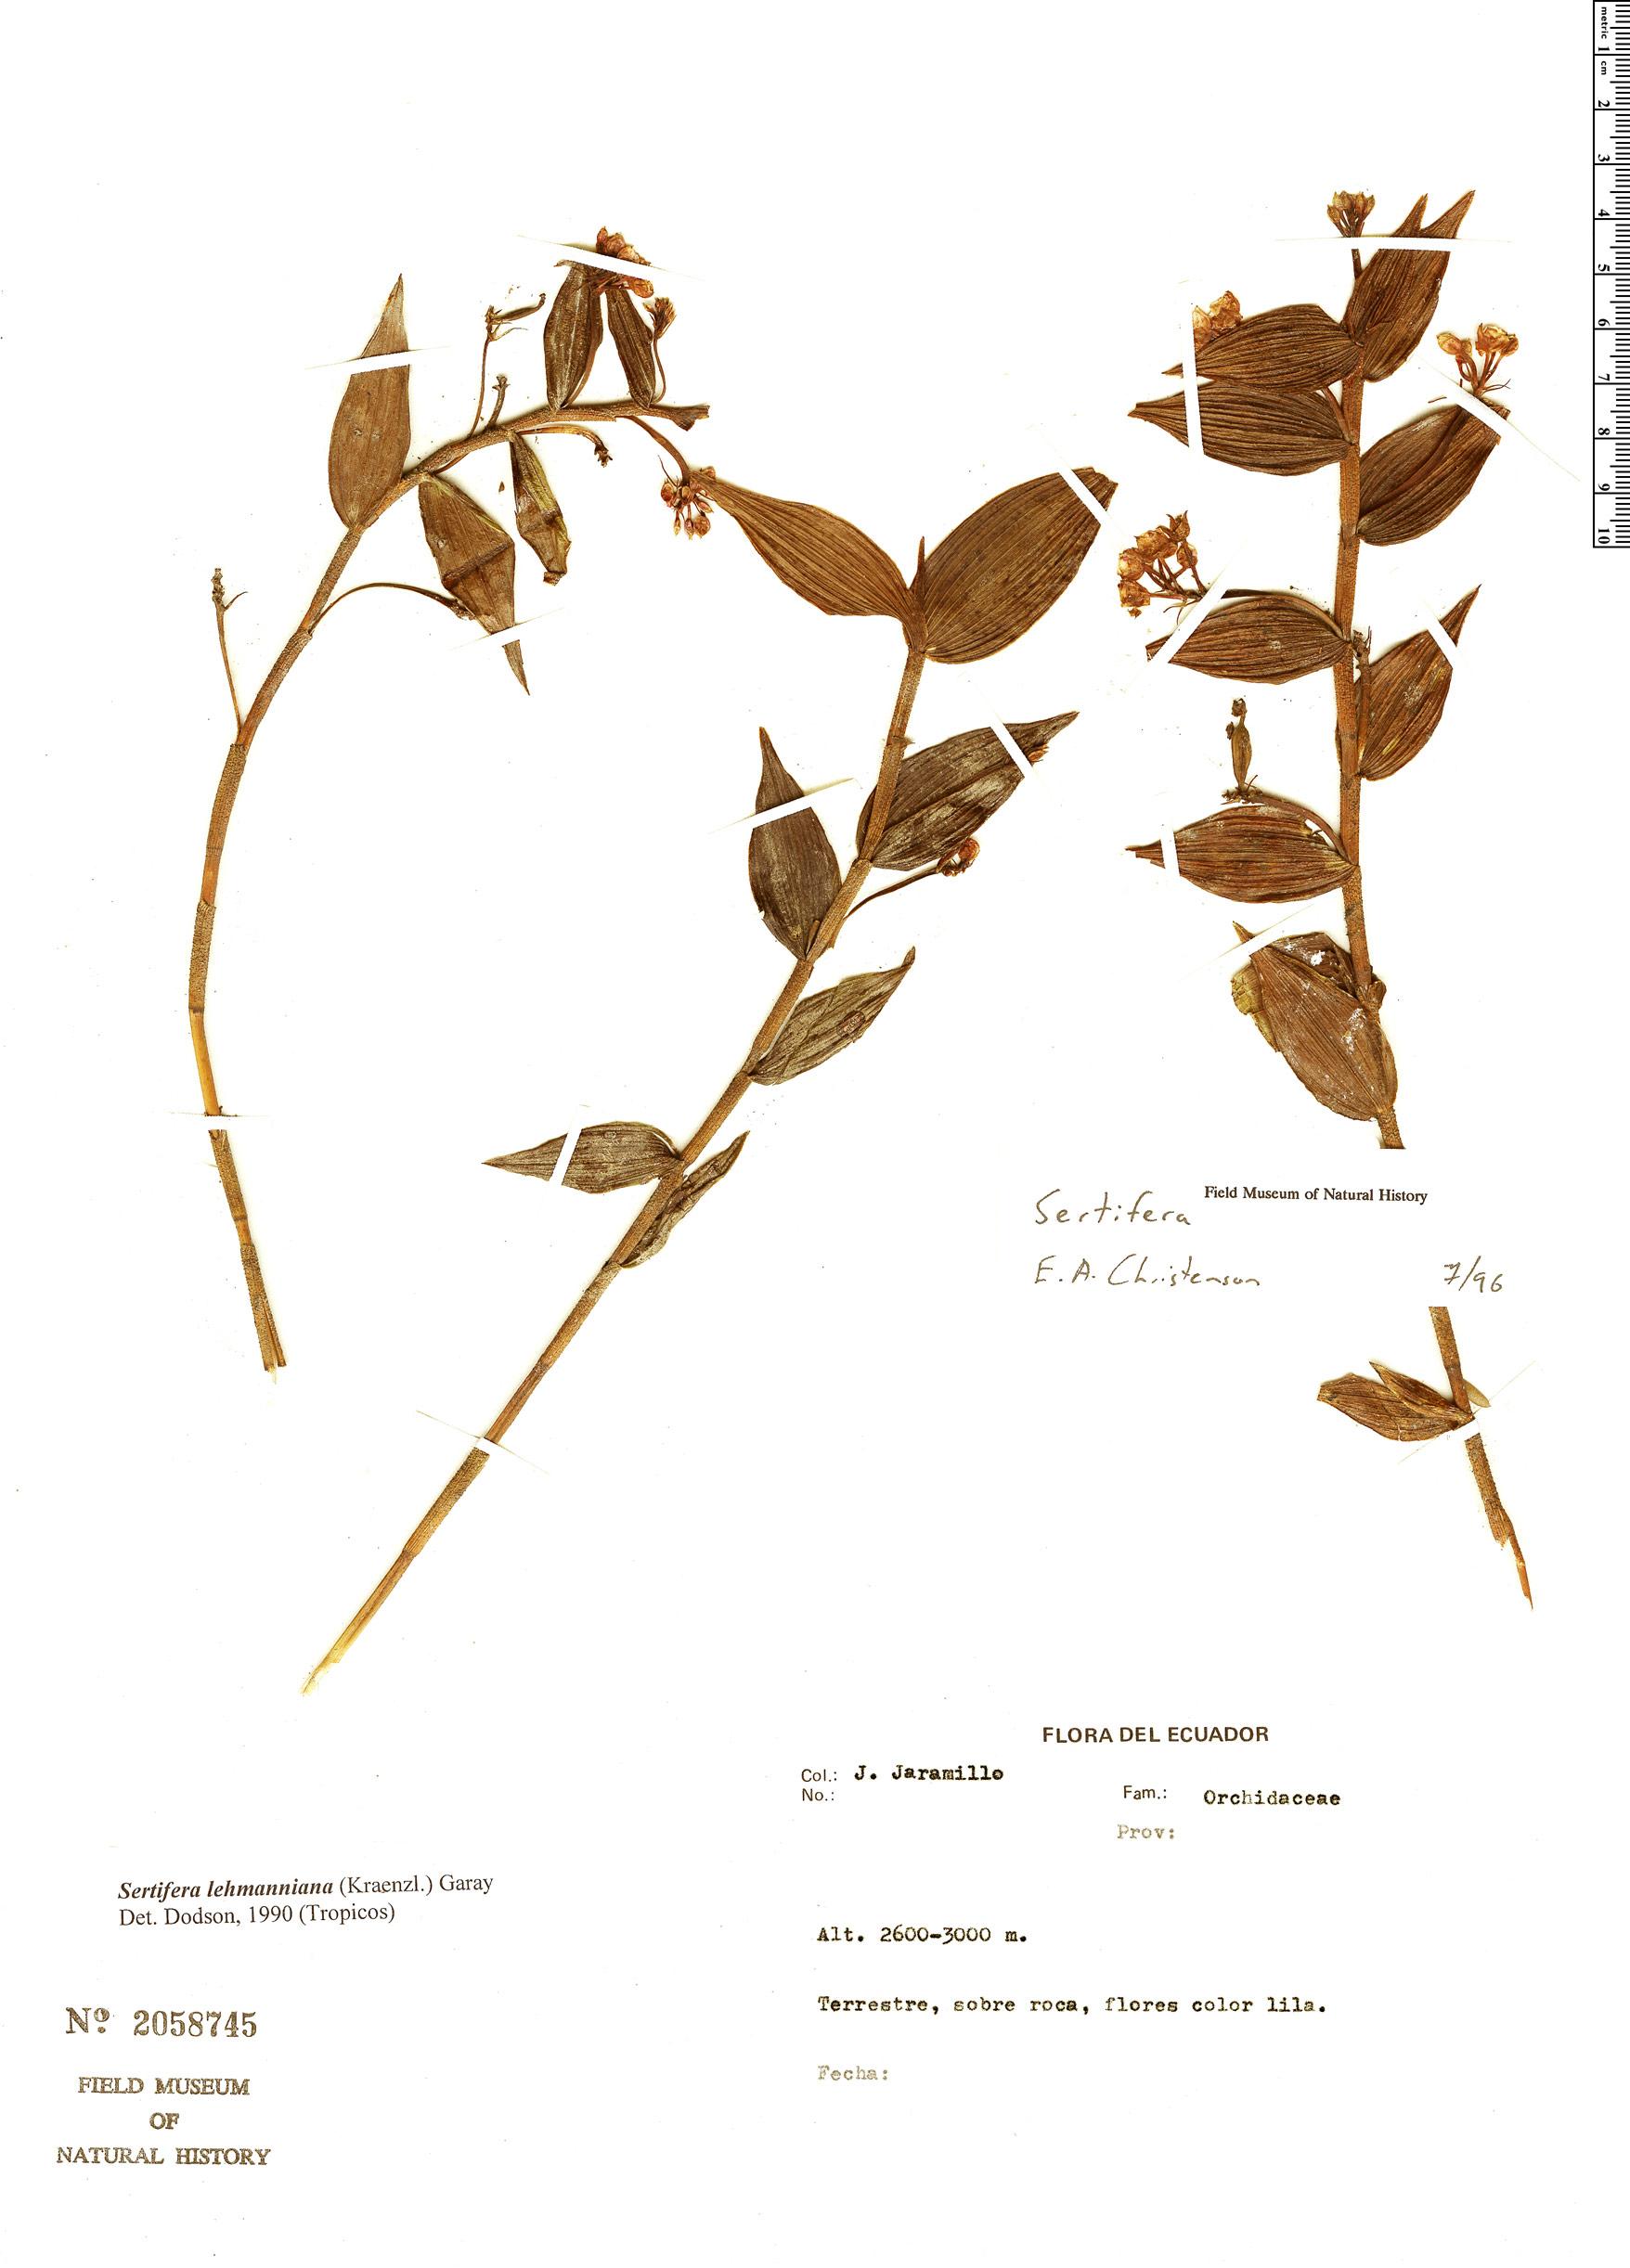 Specimen: Sertifera lehmanniana